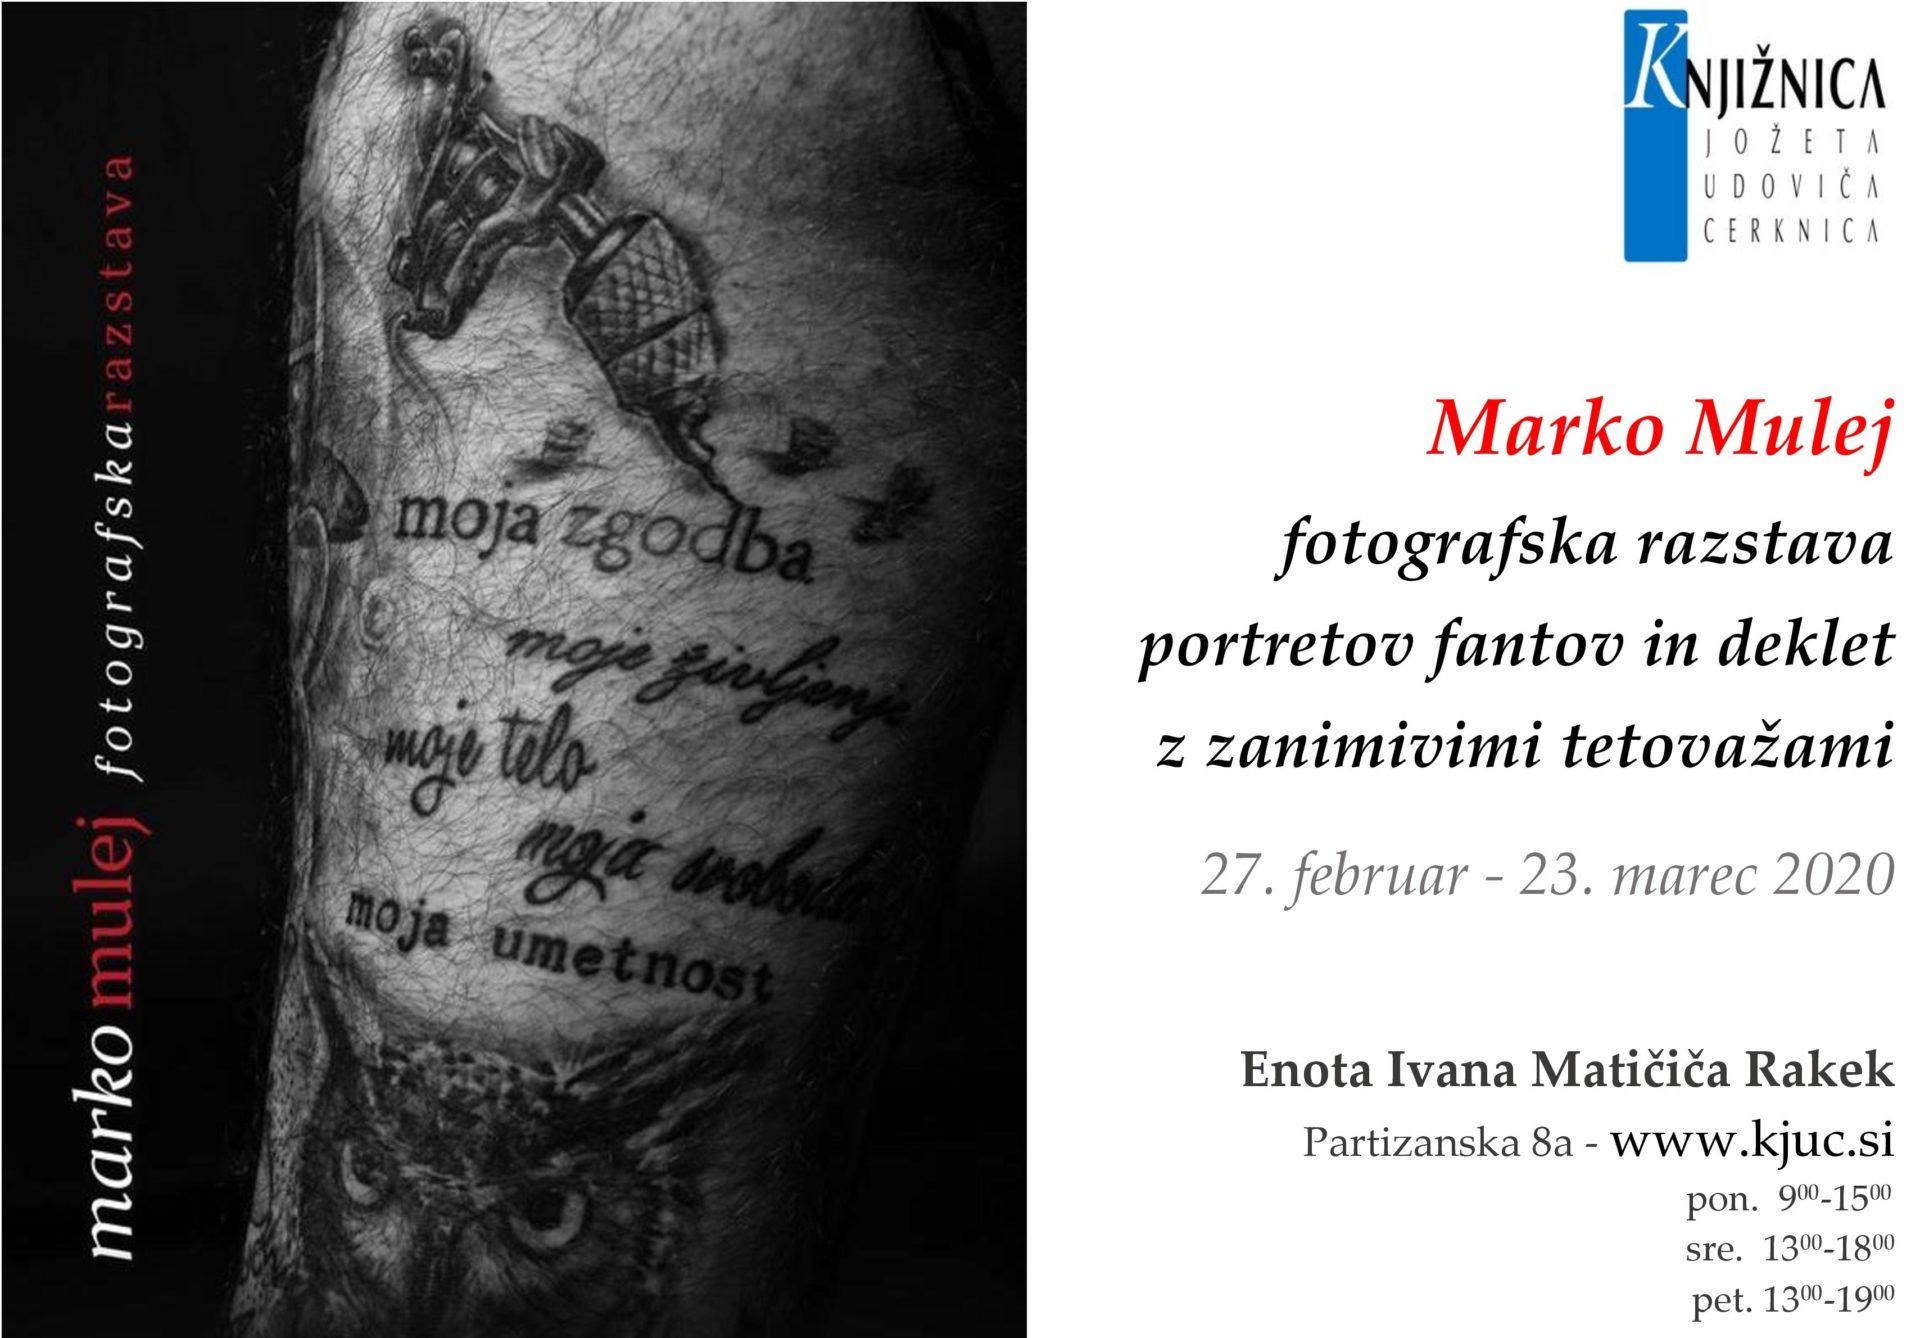 cover 6 - Marko Mulej: Moja zgodba, moje življenje, moje telo, moja svoboda, moja umetnost